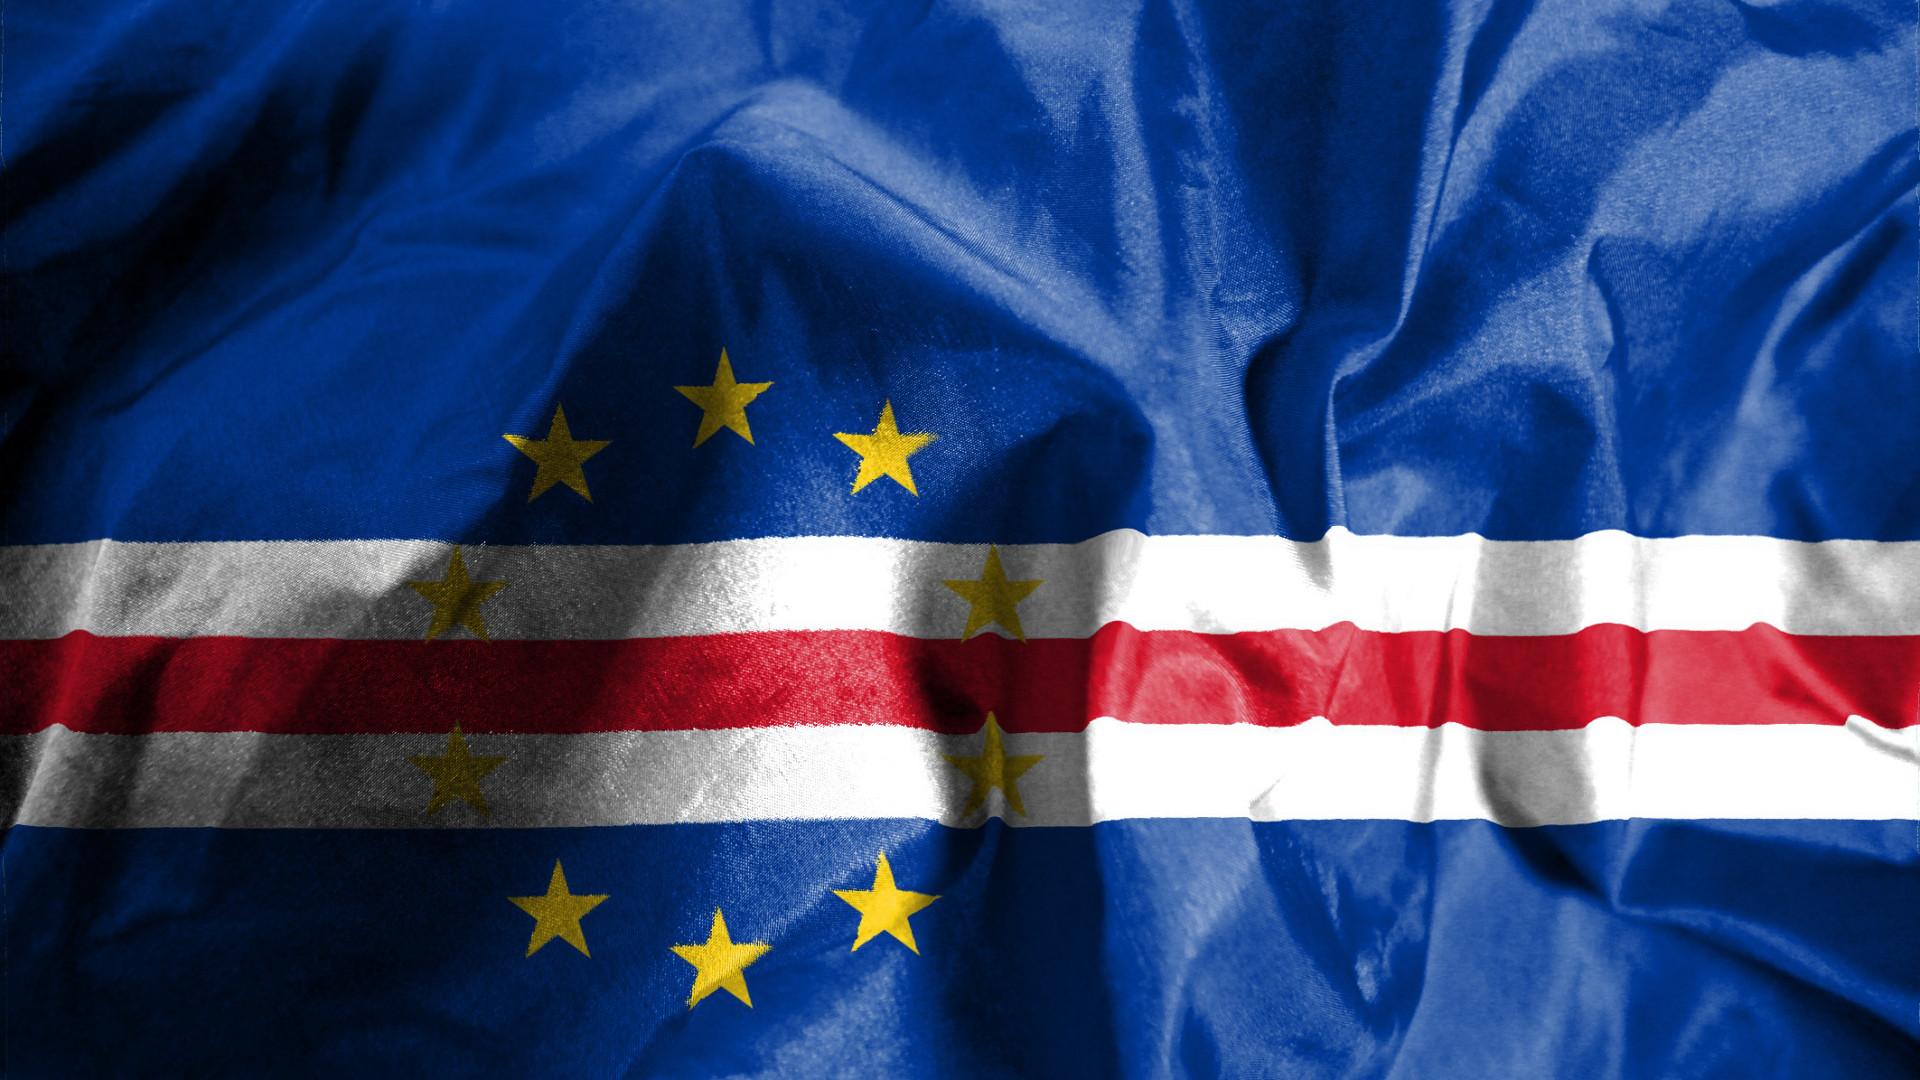 Índice de Preços no Consumidor em Cabo Verde subiu para 1,1% em setembro